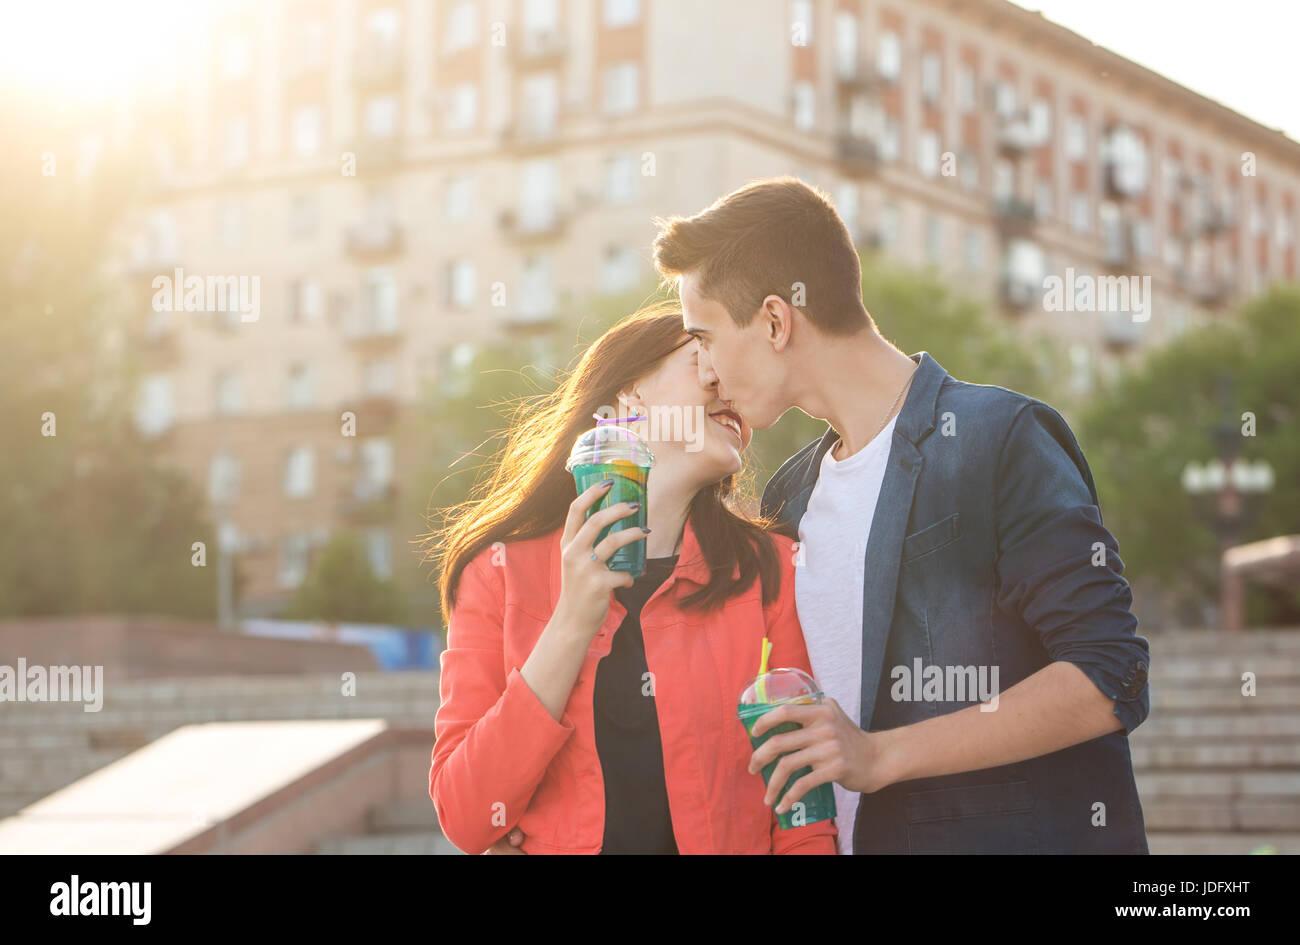 Christian Dating baiser sur la première date